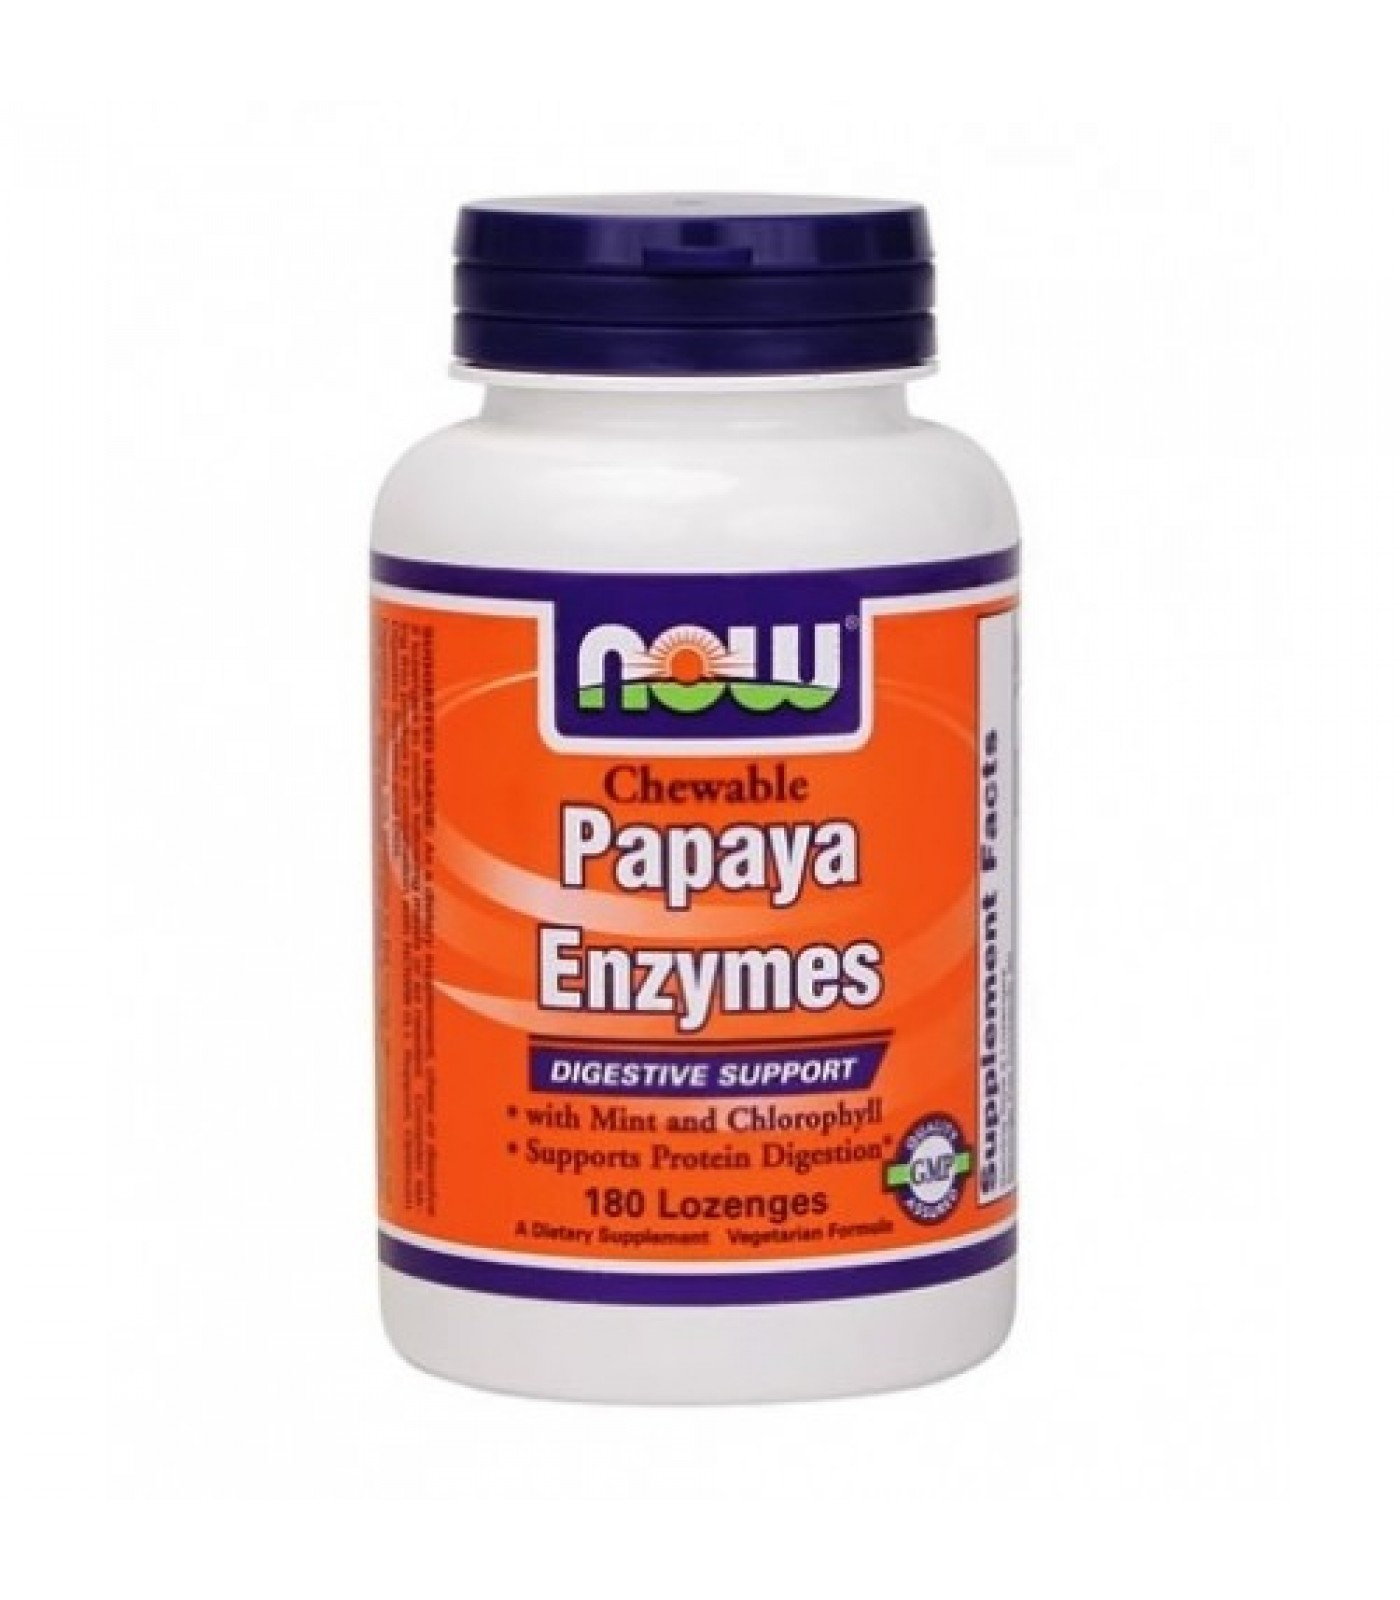 NOW - Papaya Enzymes / 180 Loz.